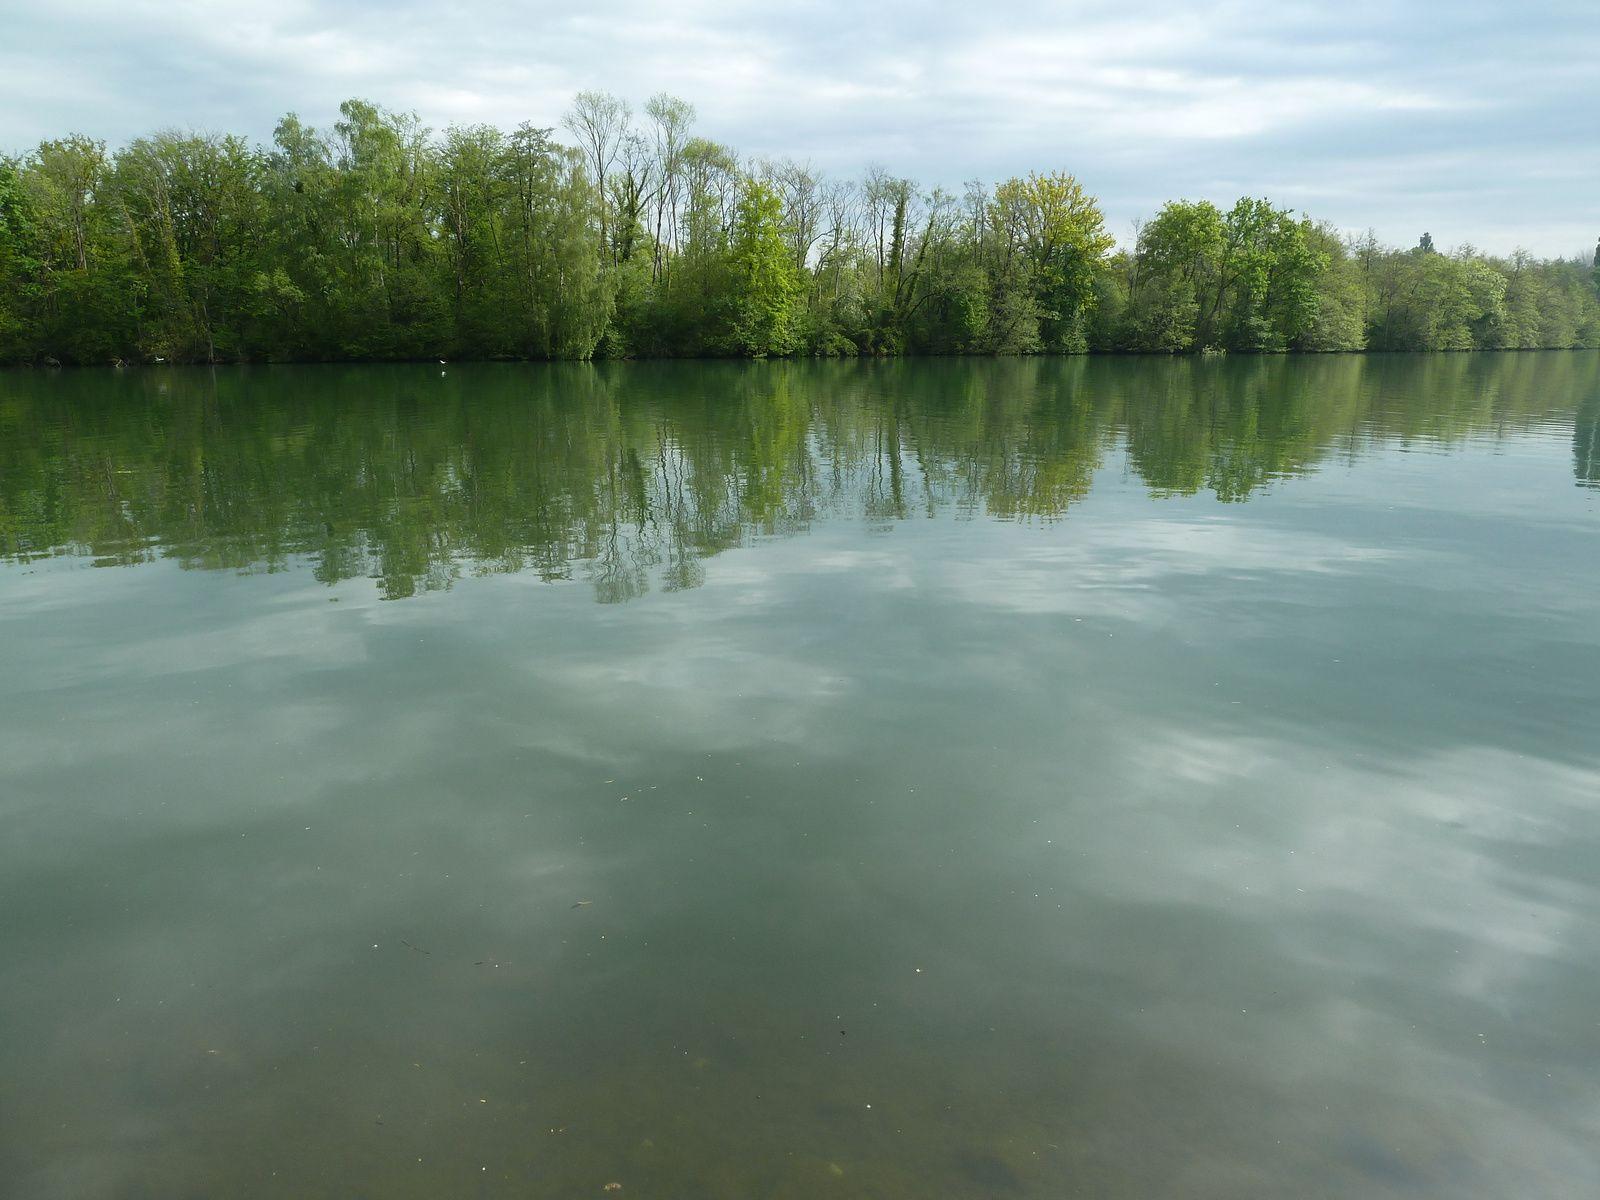 Nous stoppons quelques minutes sur le bord de la Seine pour admirer le paysage cher à Sisley peintre britannique du mouvement impressionniste (30 octobre 1839 à Paris - 29 janvier 1899 à Moret-sur-Loing).